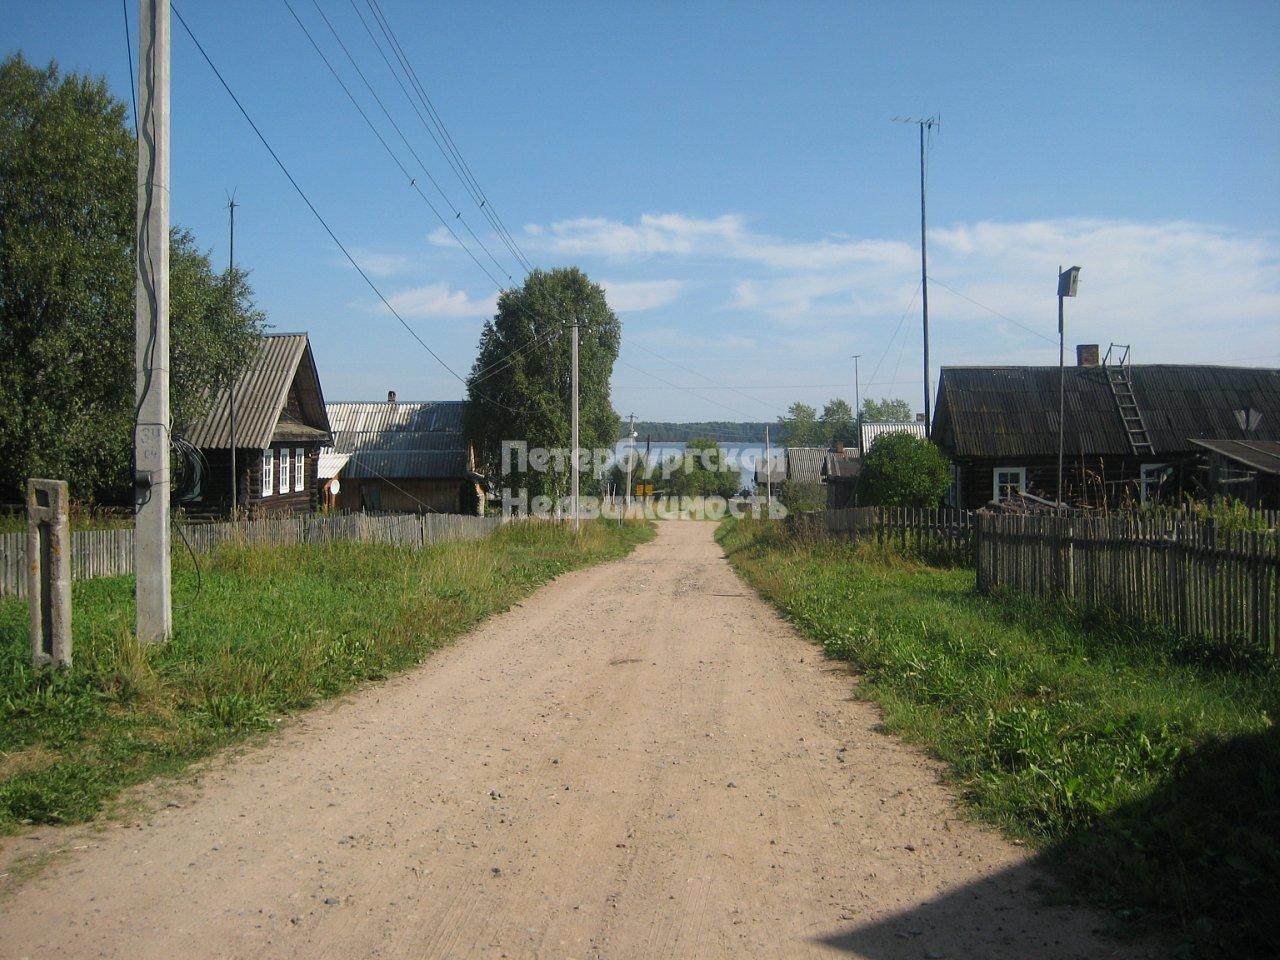 Село полтавское курский район фото сайт